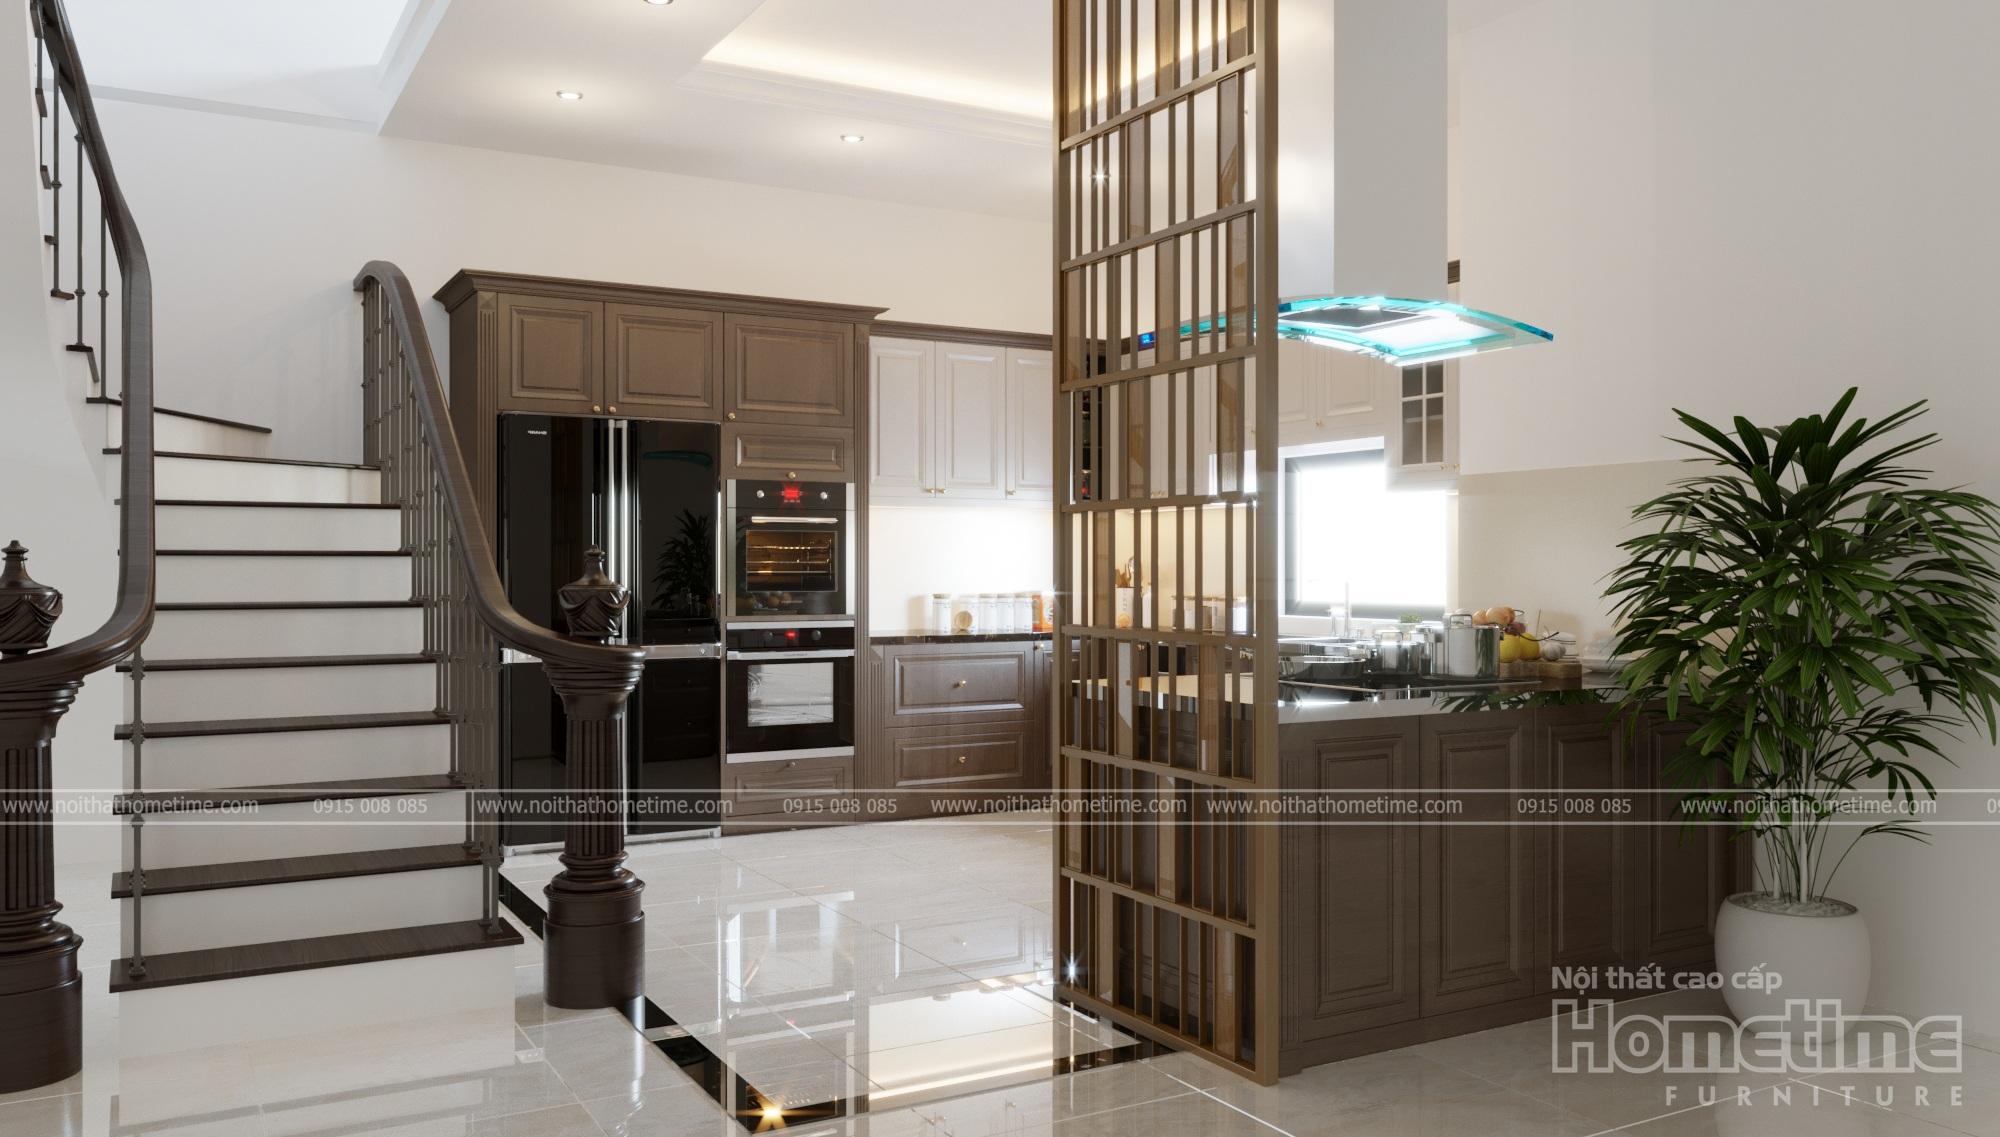 Tủ bếp chữ U mang phong cách hiện đại, đẳng cấp